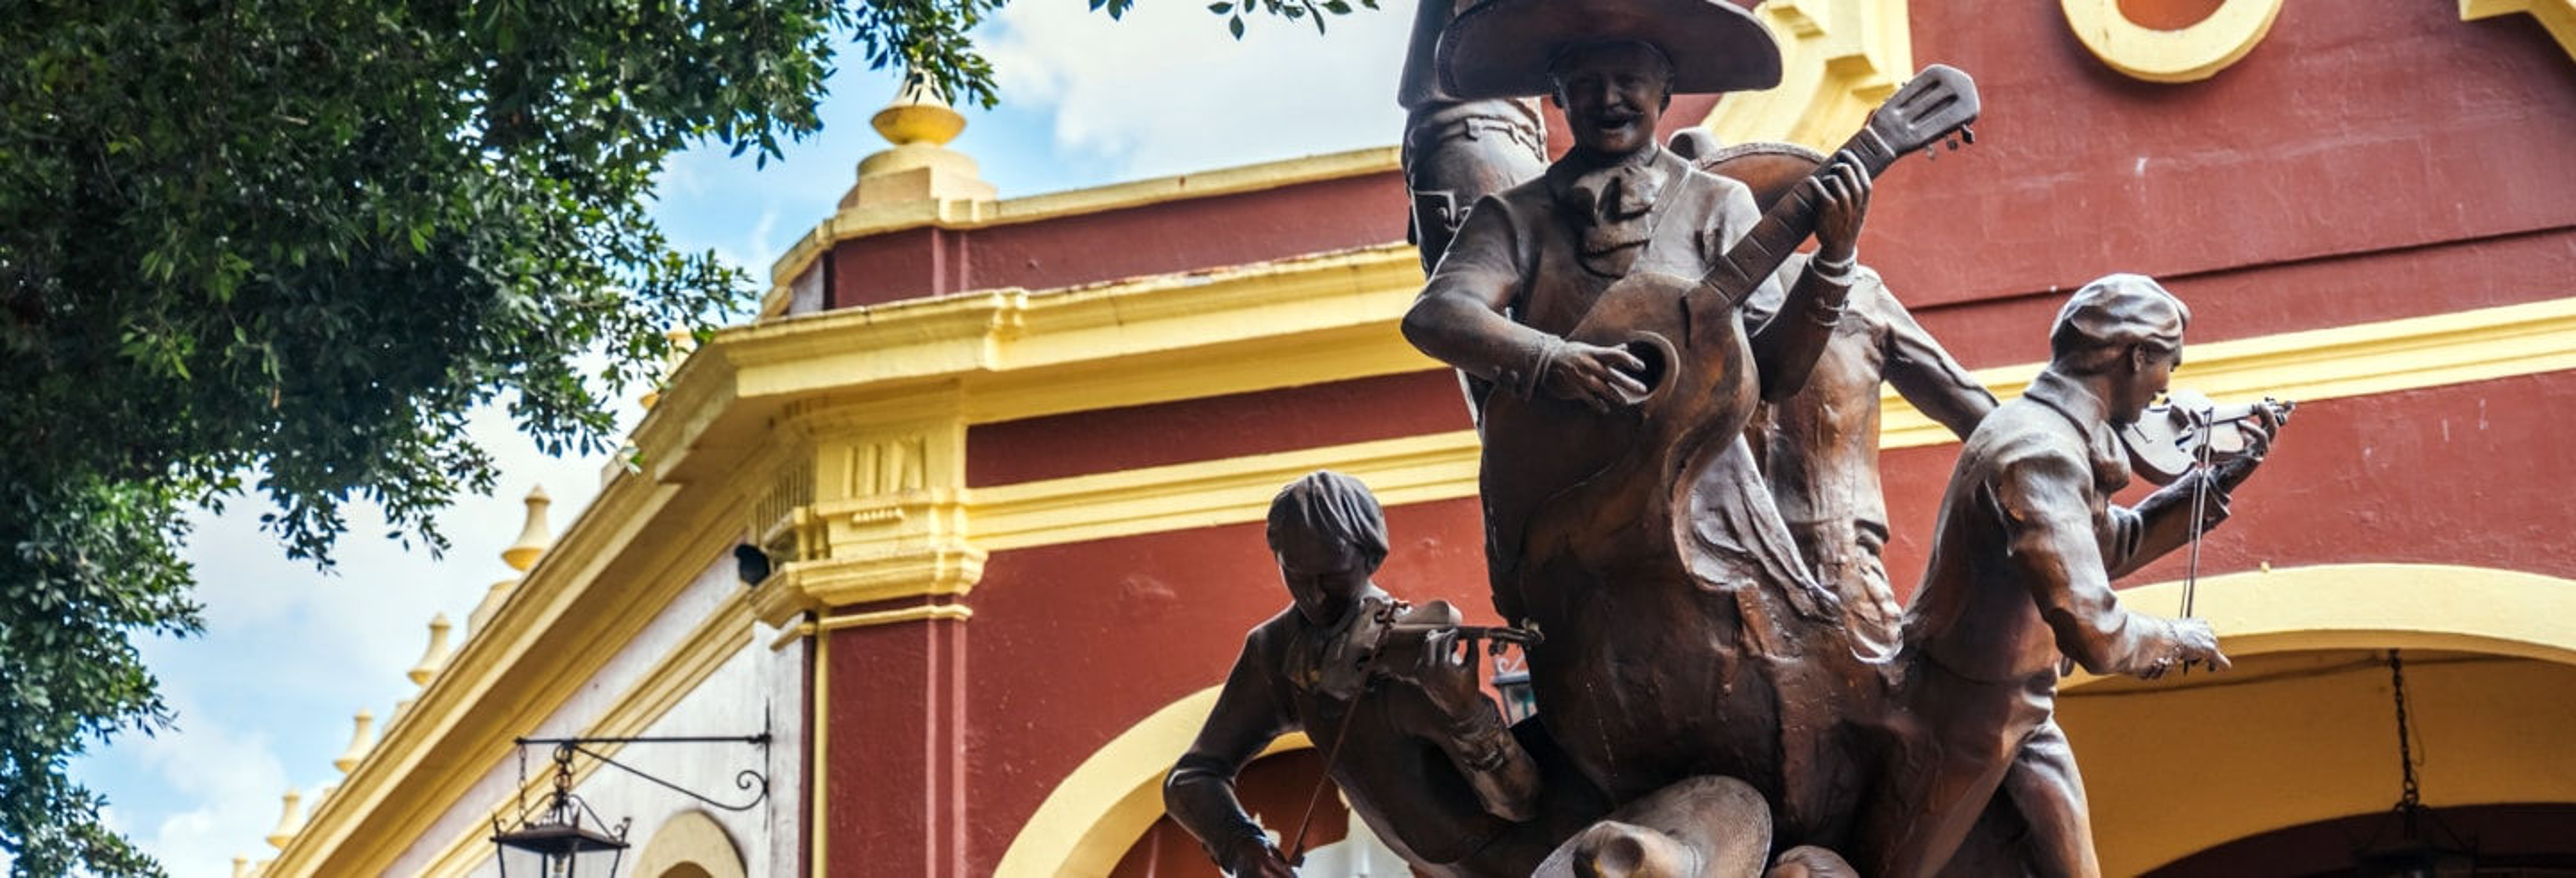 Excursión a Tlaquepaque y Tonalá